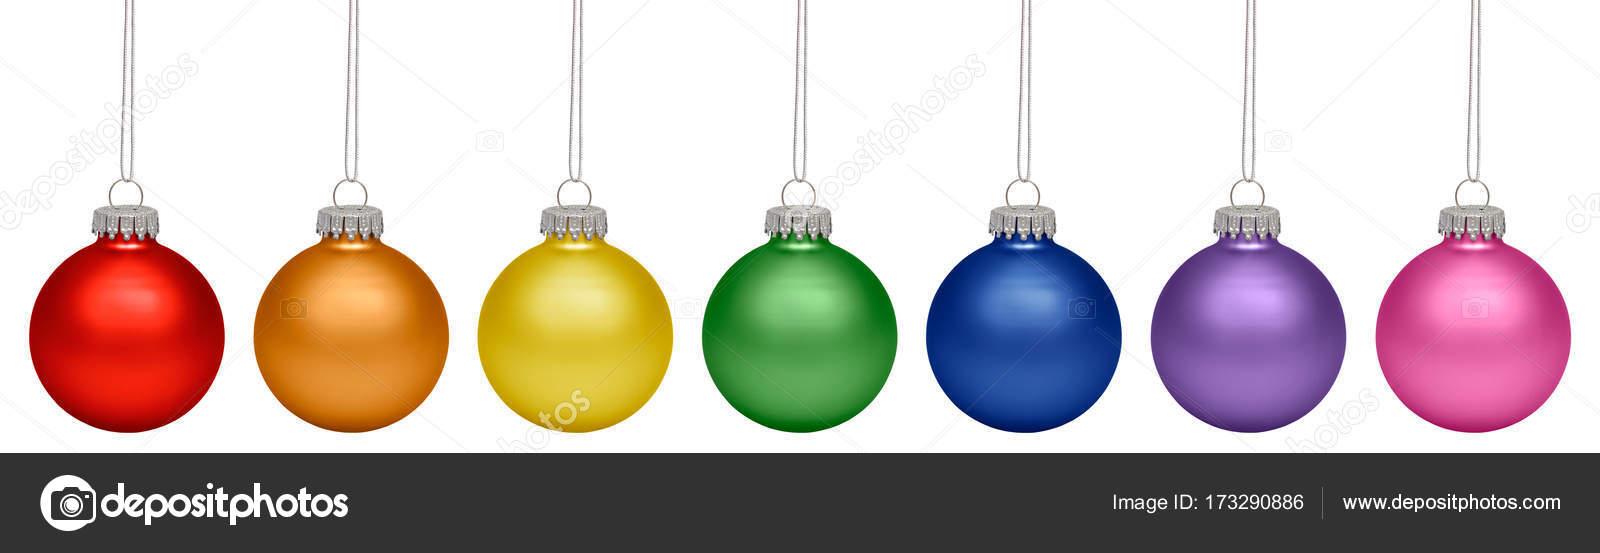 Kerstballen Alle Kleuren Van De Regenboog Geisoleerd Op Witte Ba